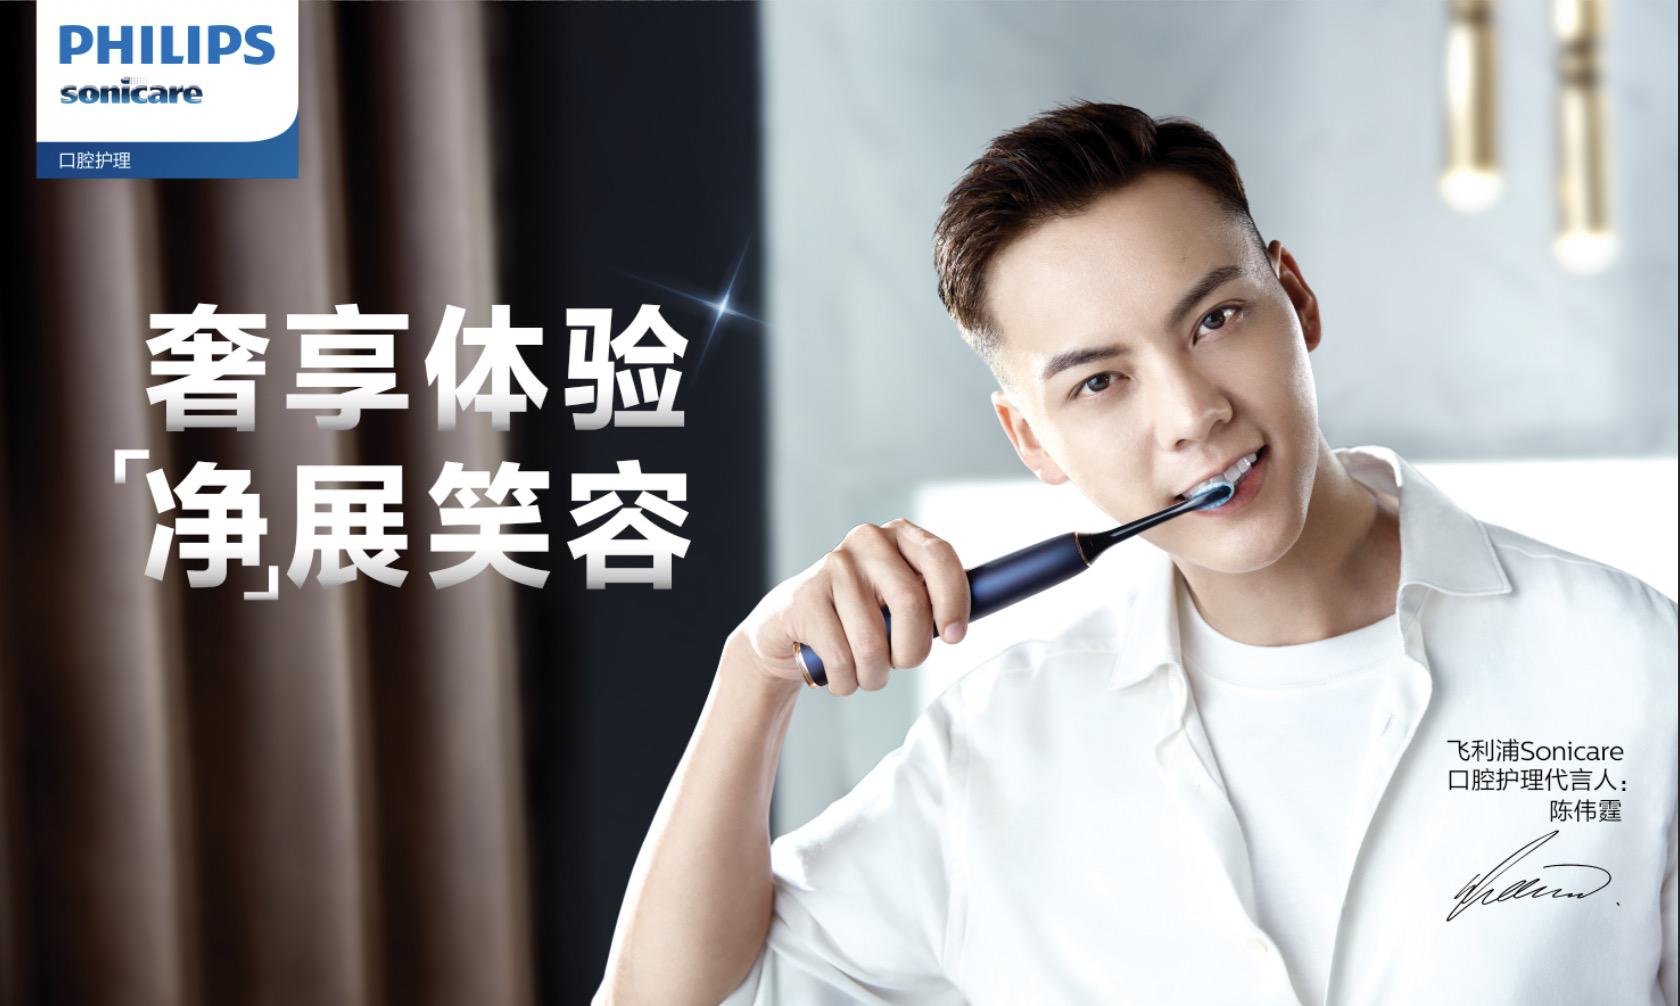 陈伟霆成为飞利浦Sonicare口腔护理品牌形象代言人